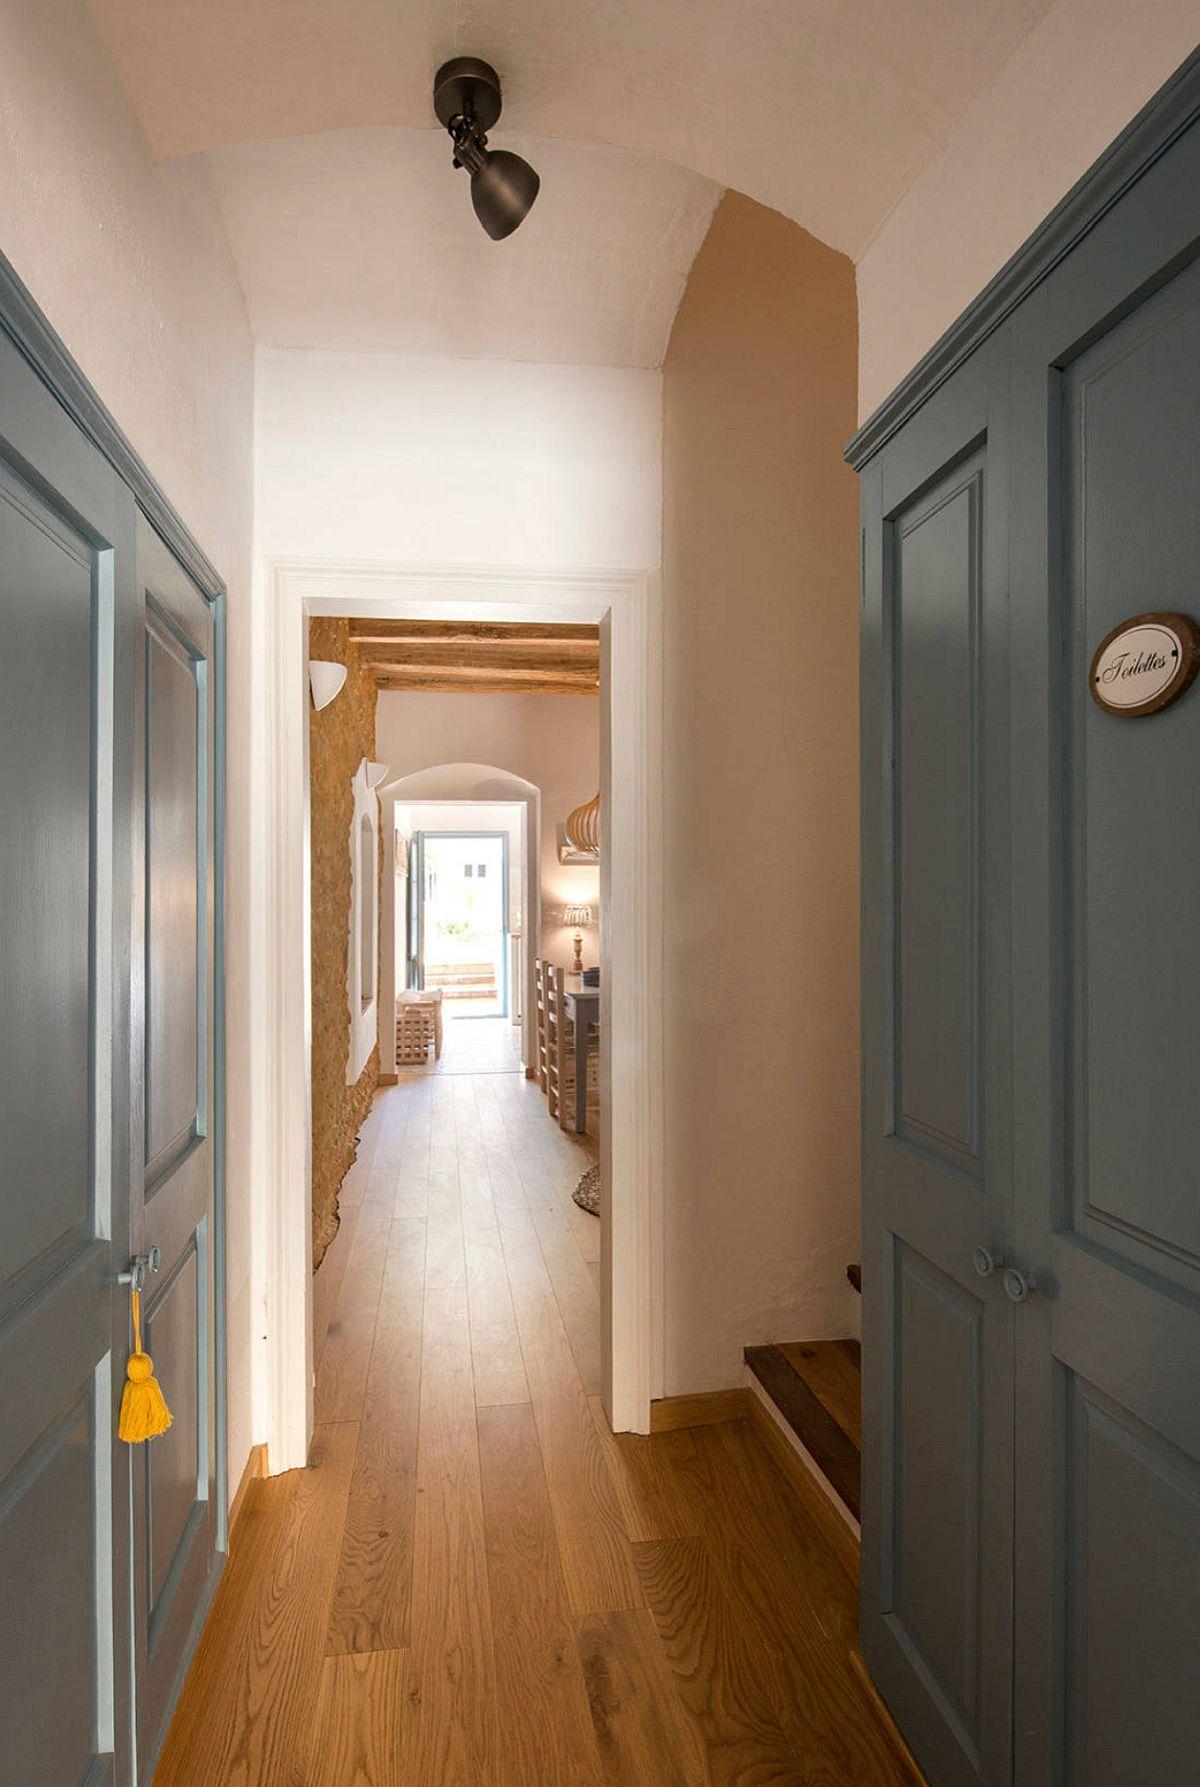 adelaparvu.com despre casa lunga si ingusta cu terasa, stil marin, design Nice Home Barcelona, Foto Jordi Canosa (6)